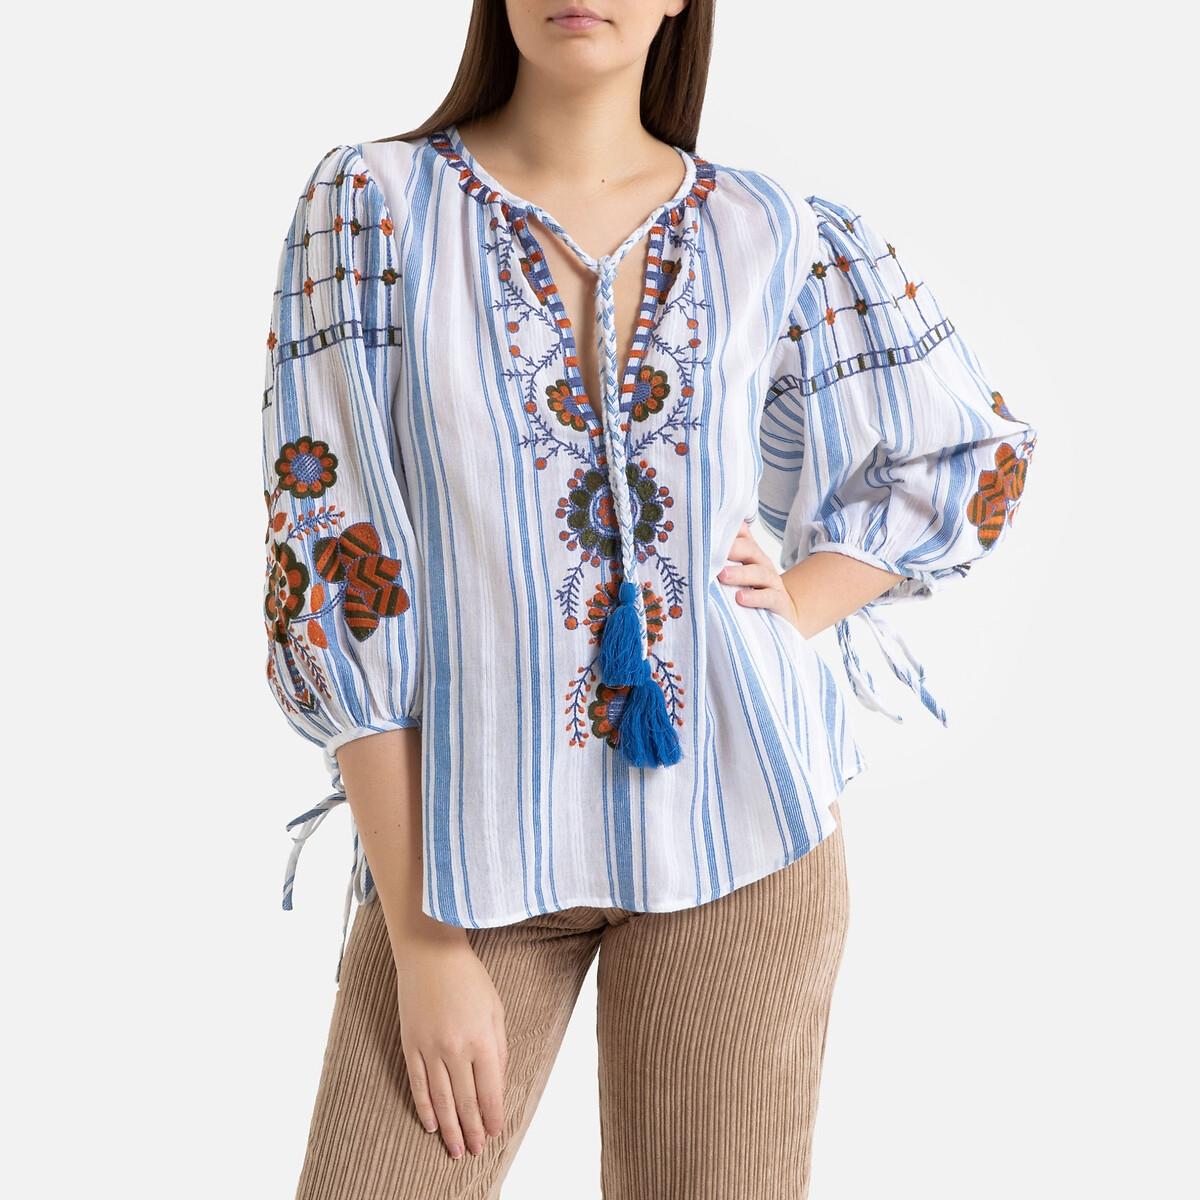 цена на Блузка La Redoute В полоску с вышивкой в этническом стиле CAMILLA 40 (FR) - 46 (RUS) синий